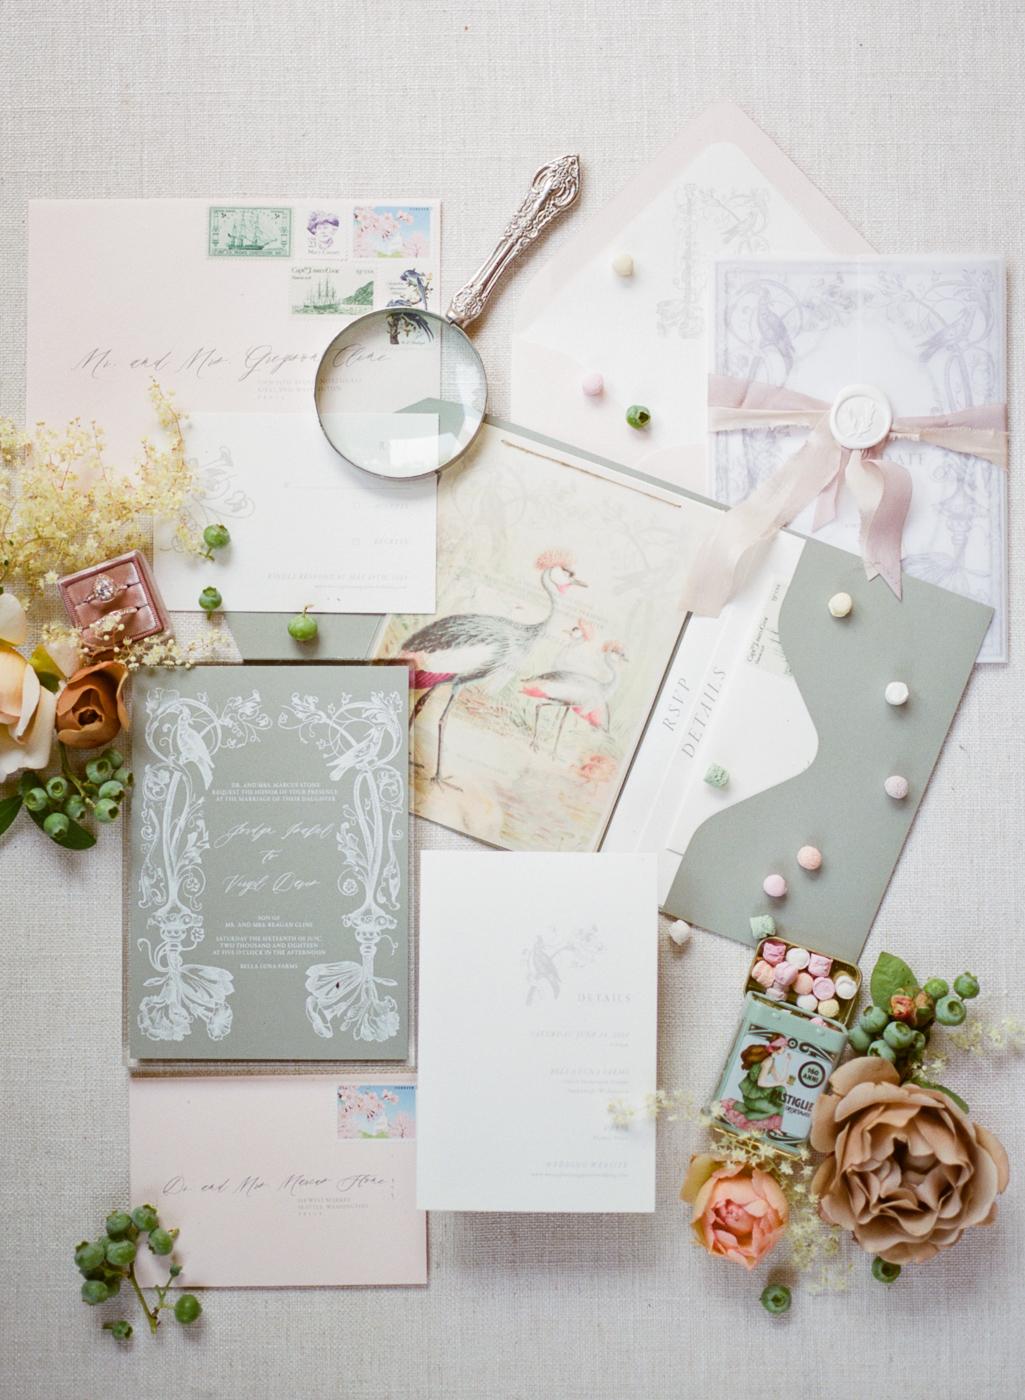 Carlos-Hernandez-Photography-Bella-Luna-Wedding-Editorial-Seattle-1_001